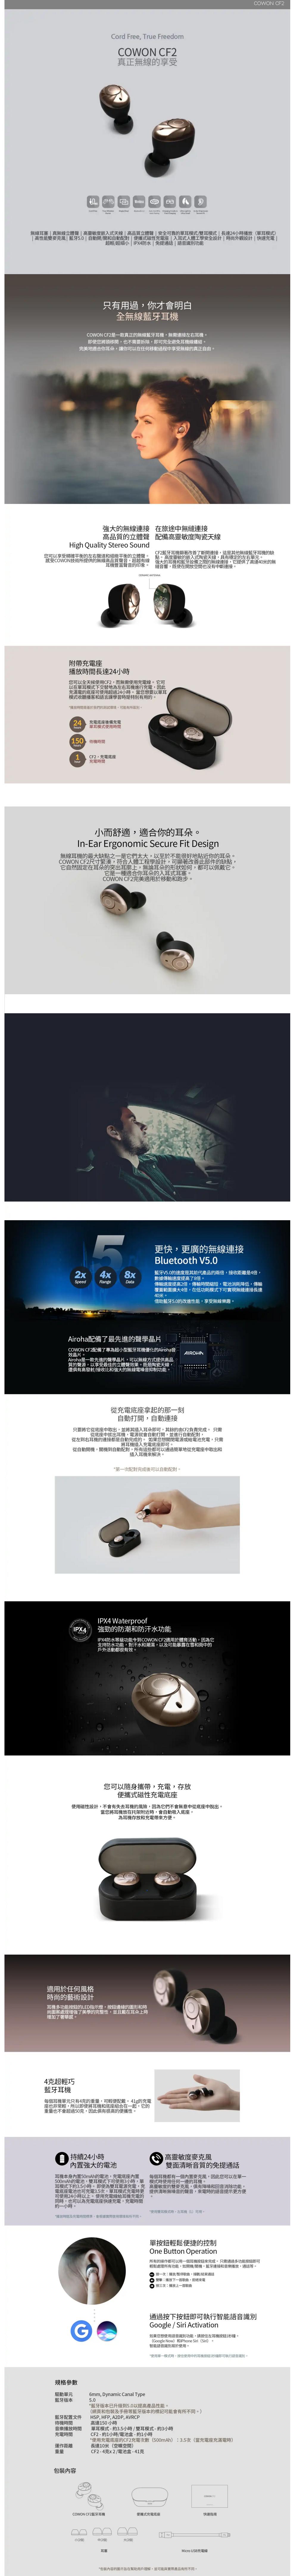 COWON CF2 藍芽耳機 金色 限定貨到付款 _耳機_配件_COWON iAudio台灣官方購物中心